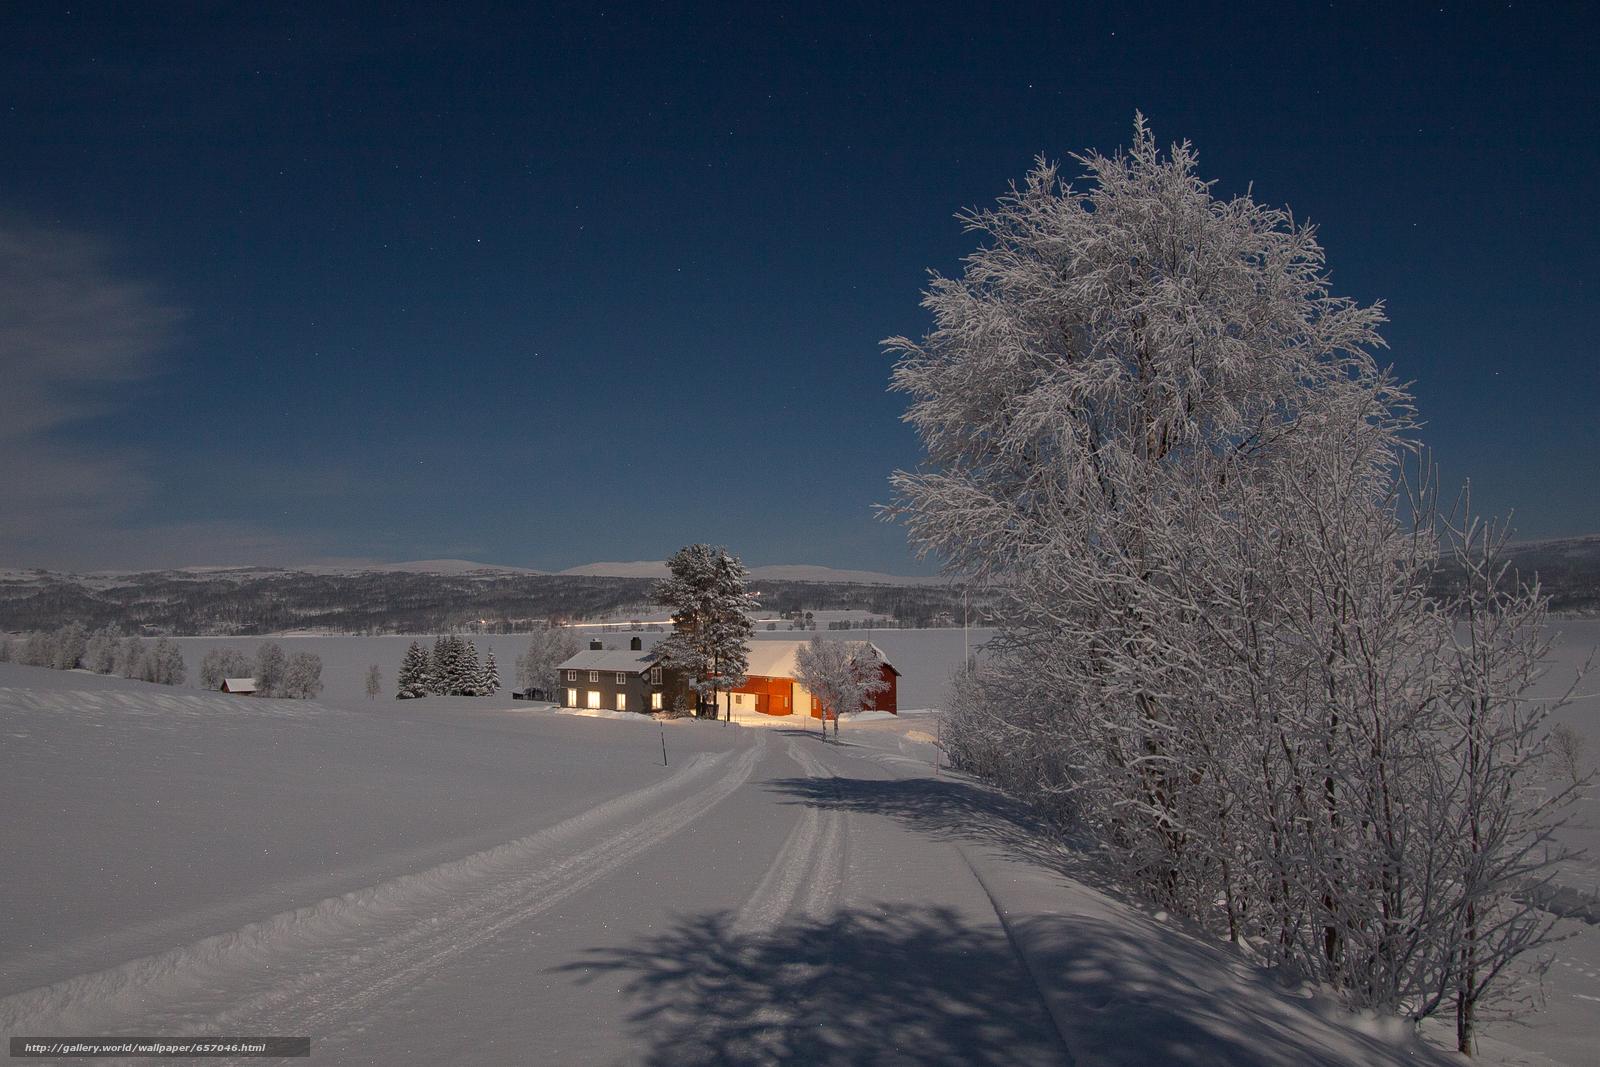 Tlcharger Fond d'ecran hiver,  route,  arbres,  maison Fonds d'ecran gratuits pour votre rsolution du bureau 4123x2749 — image №657046